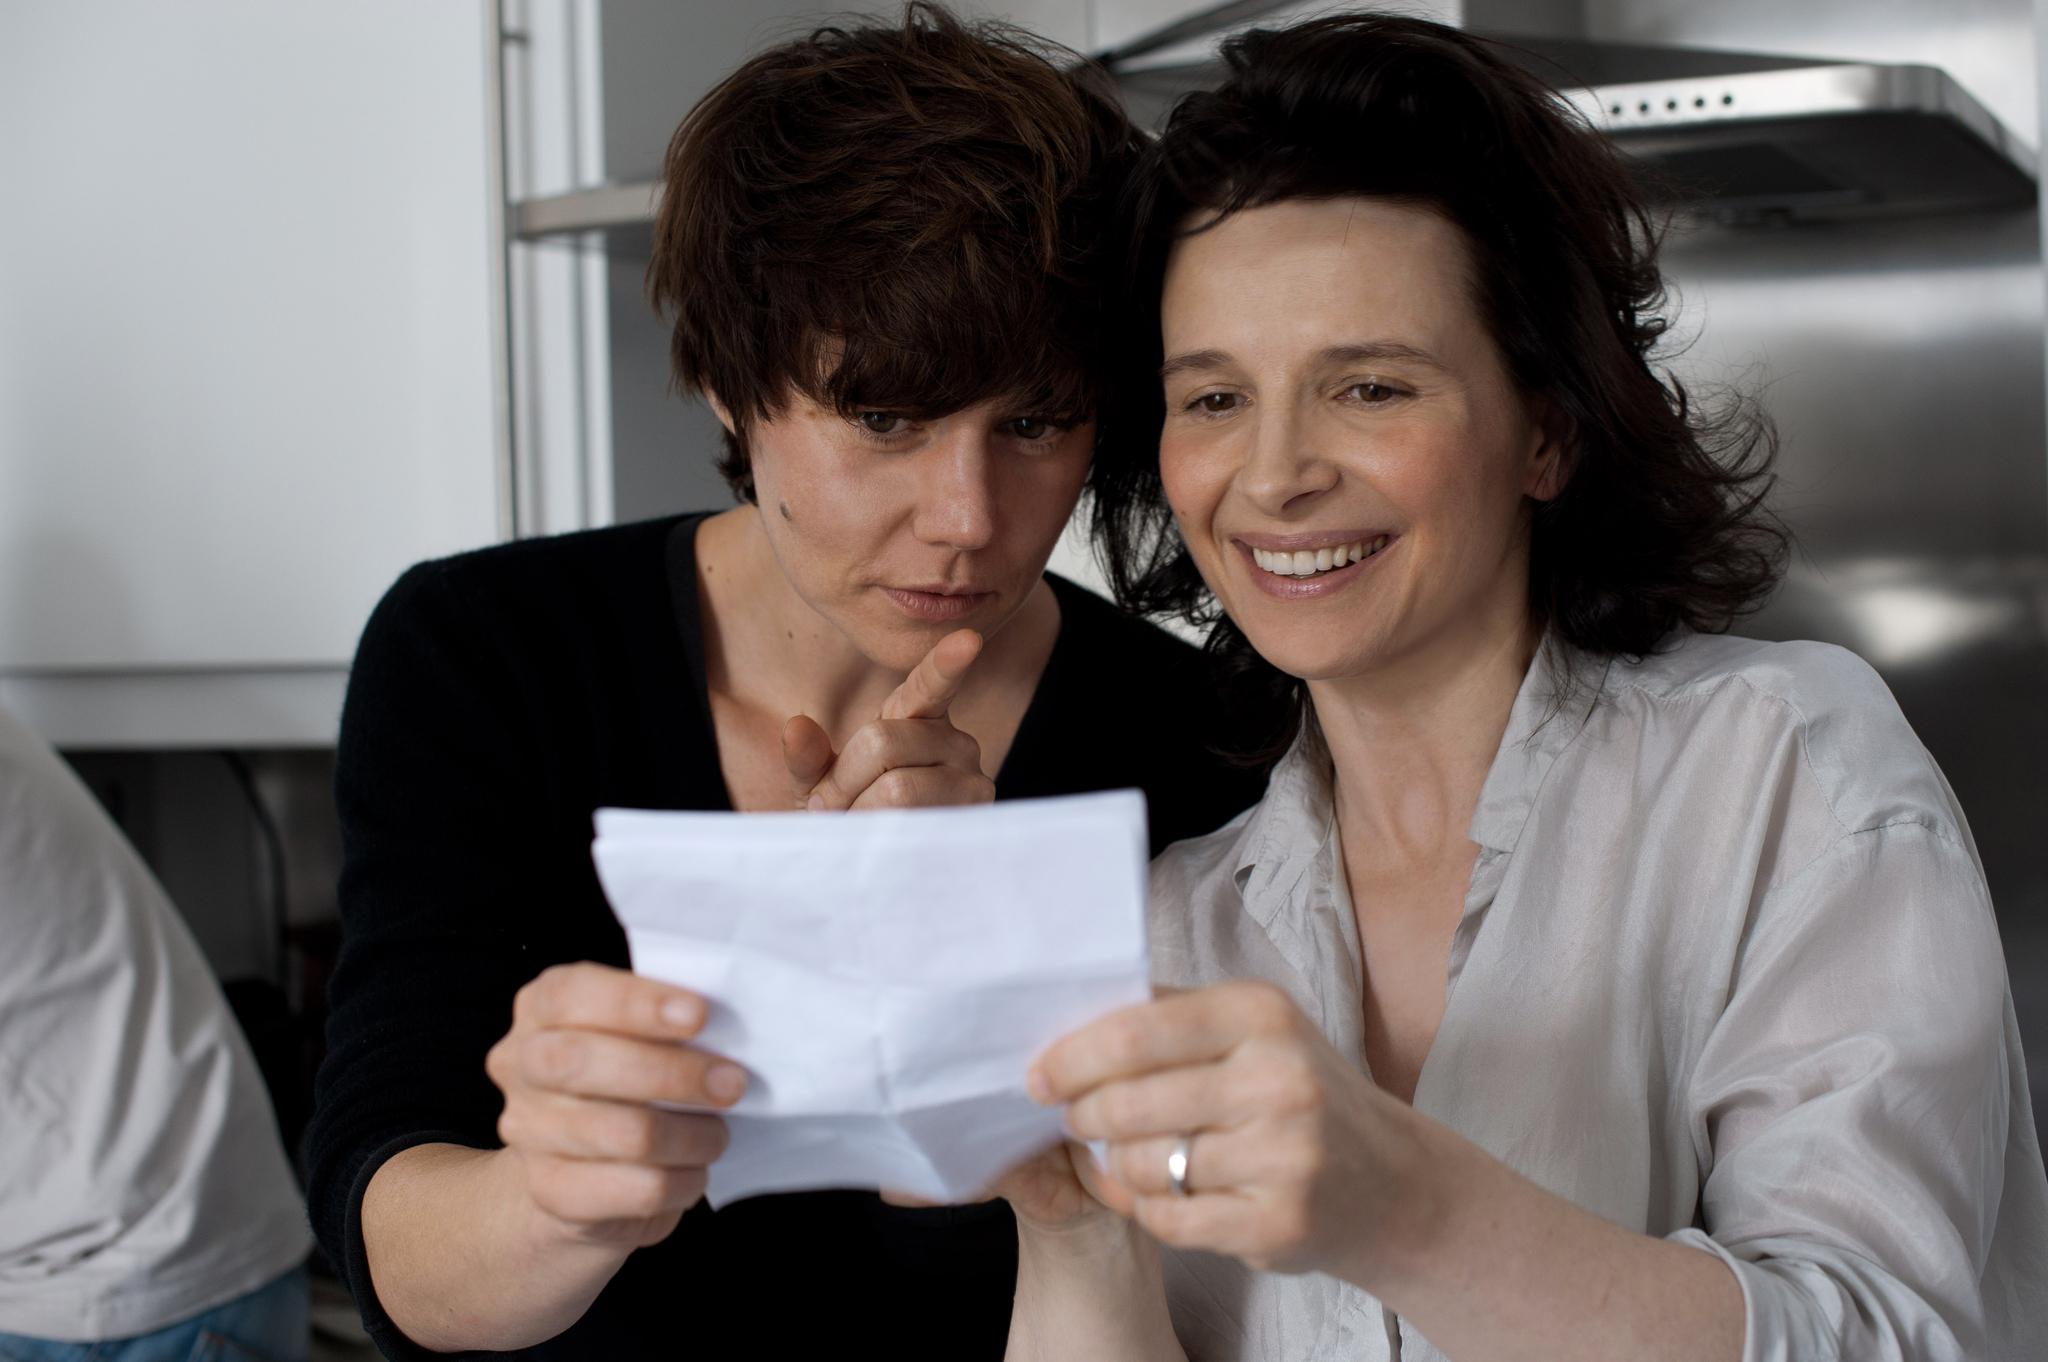 Juliette Binoche and Malgorzata Szumowska in Elles (2011)